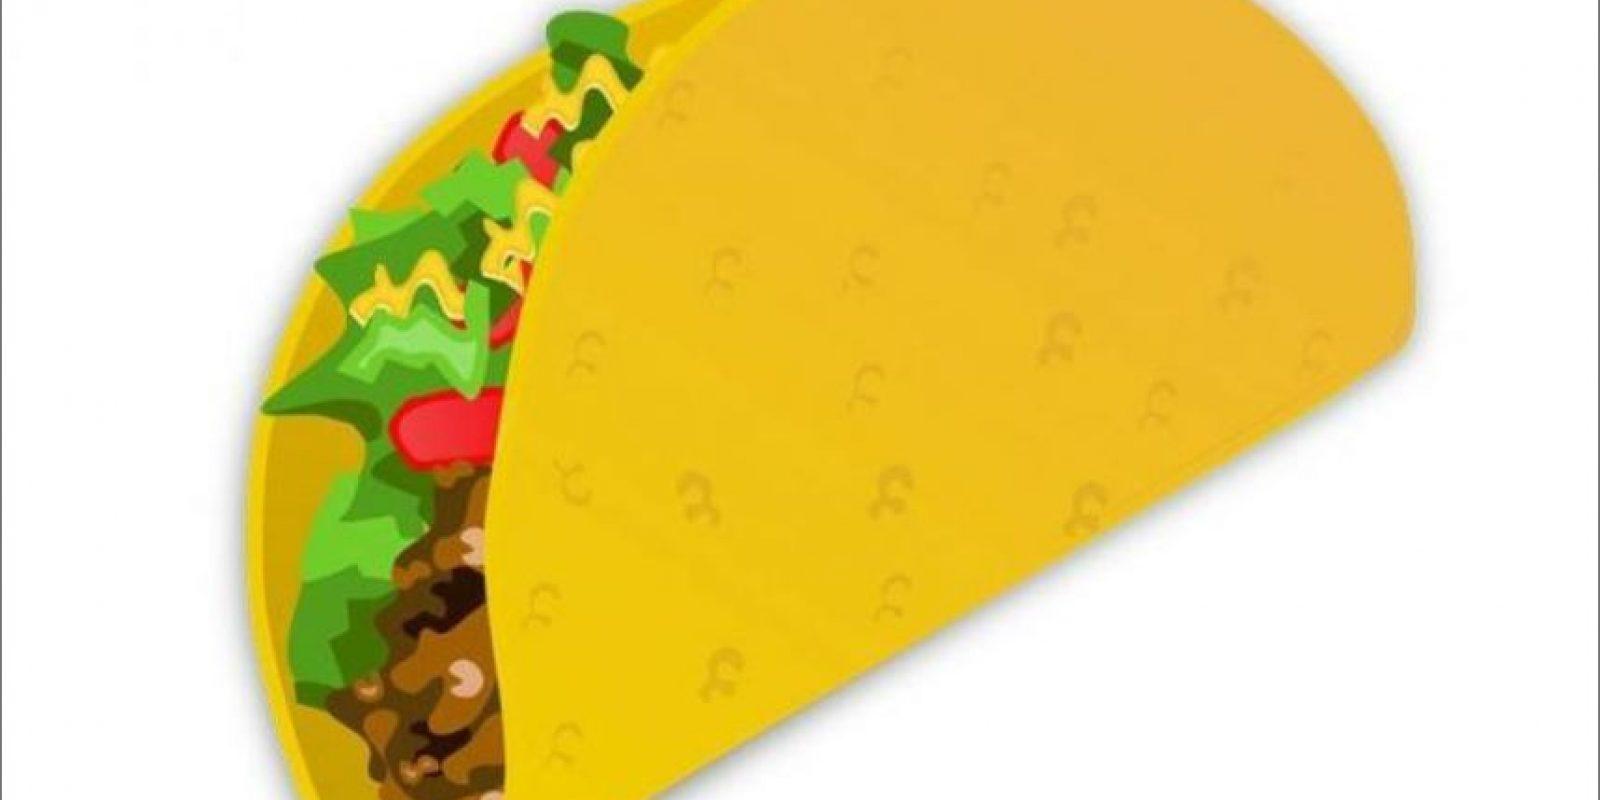 Lo mismo se buscaba con el taco mexicano. Foto:Twitter